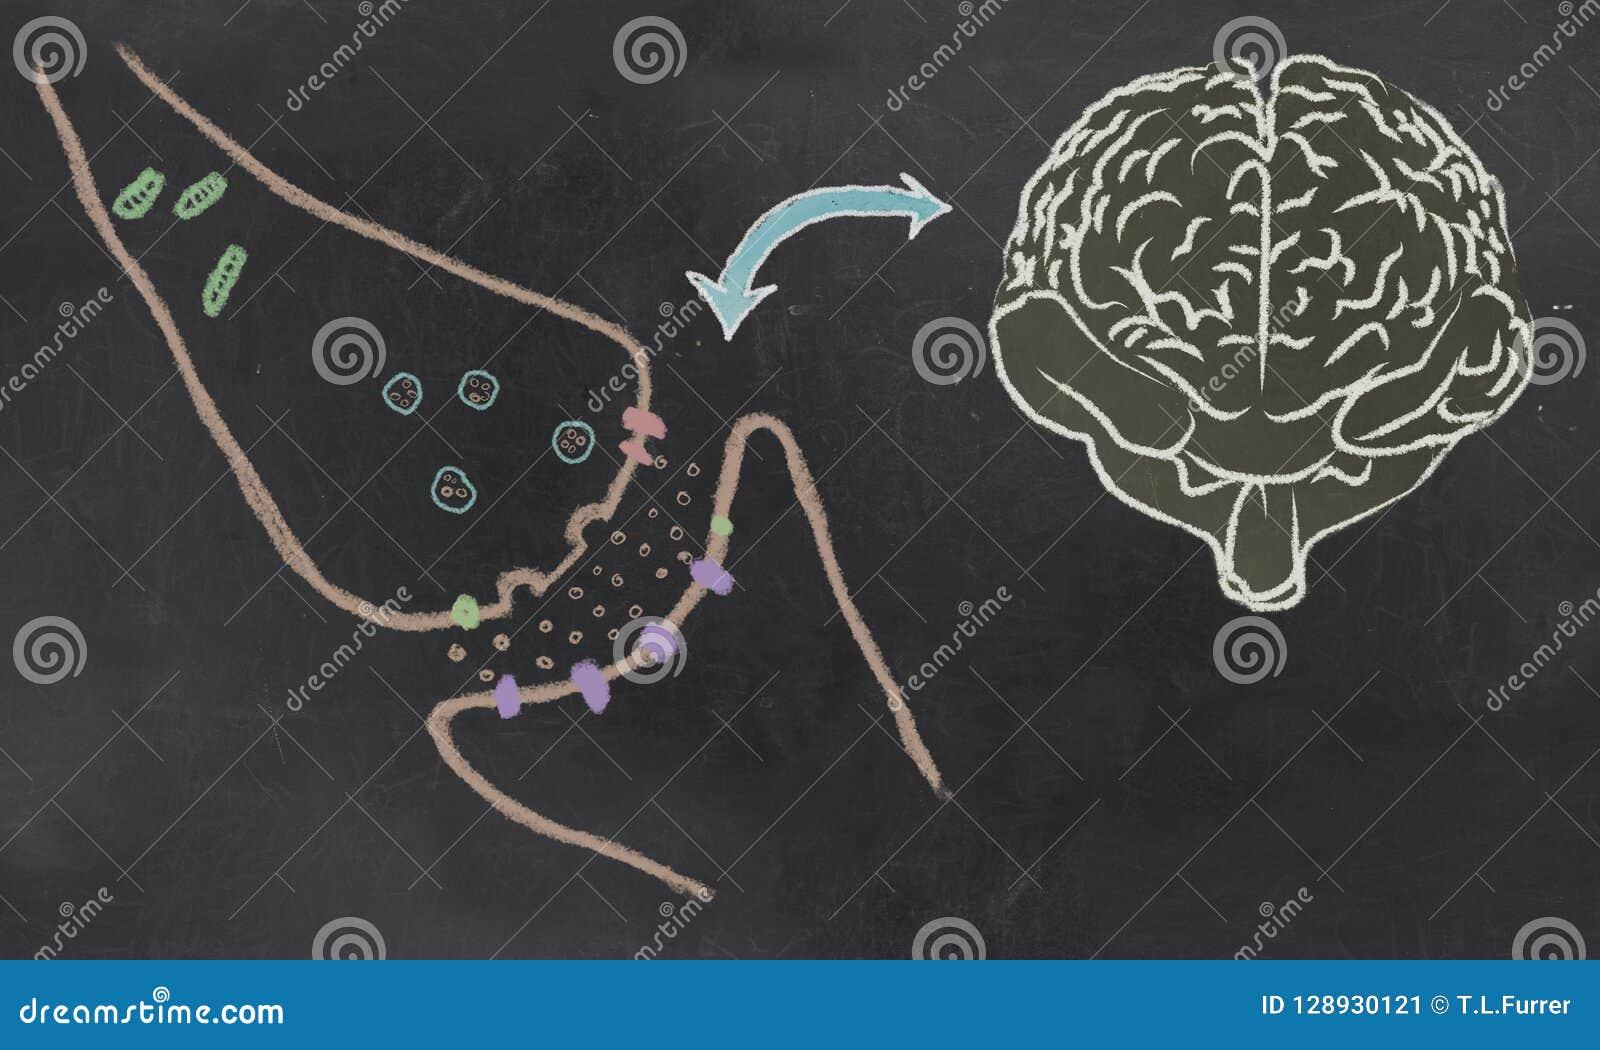 Synaptic Rozłupana ilustracja z Neurotransmitters